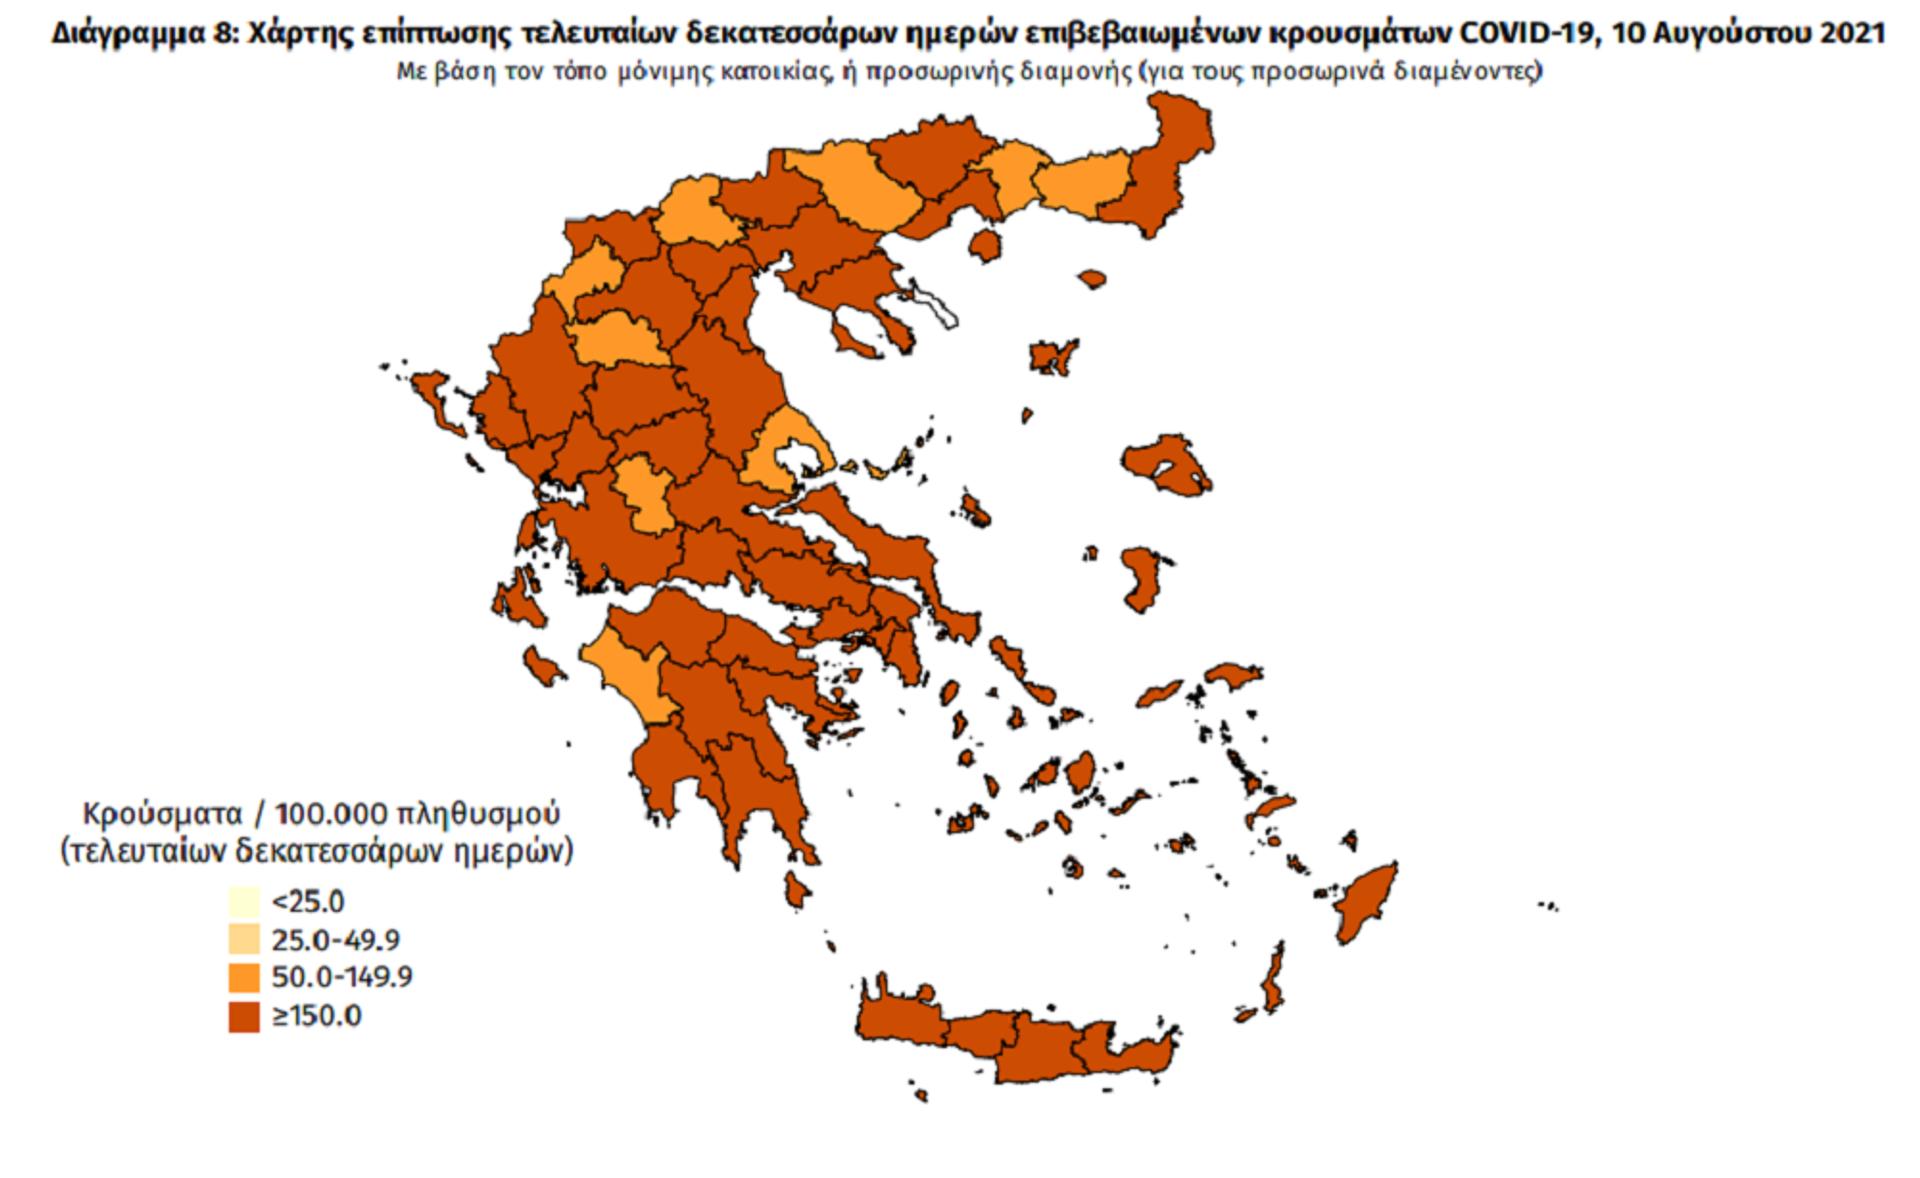 Χάρτης επίπτωσης τελευταίων δεκατεσσάρων ημερών επιβεβαιωμένων κρουσμάτων COVID-19, 10 Αυγούστου 2021 - Sputnik Ελλάδα, 1920, 10.08.2021